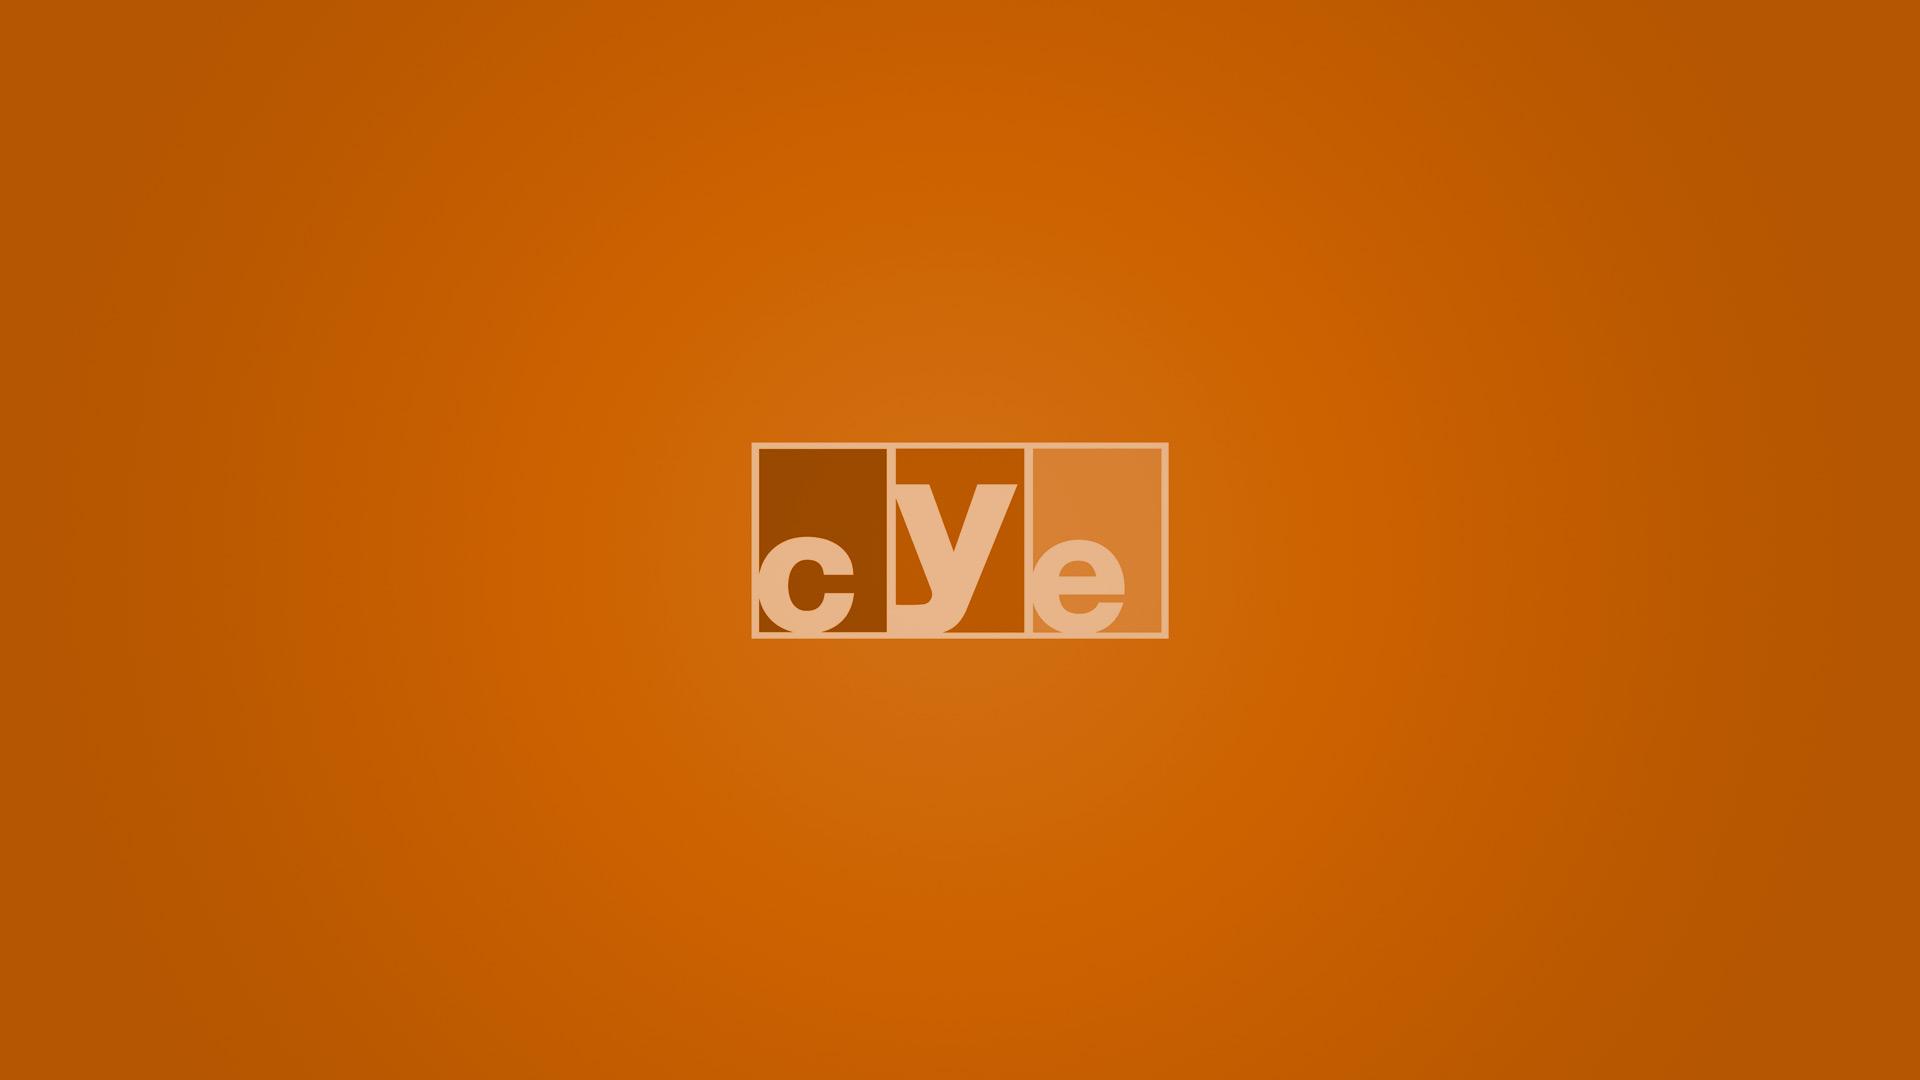 cye-hero-image-1920